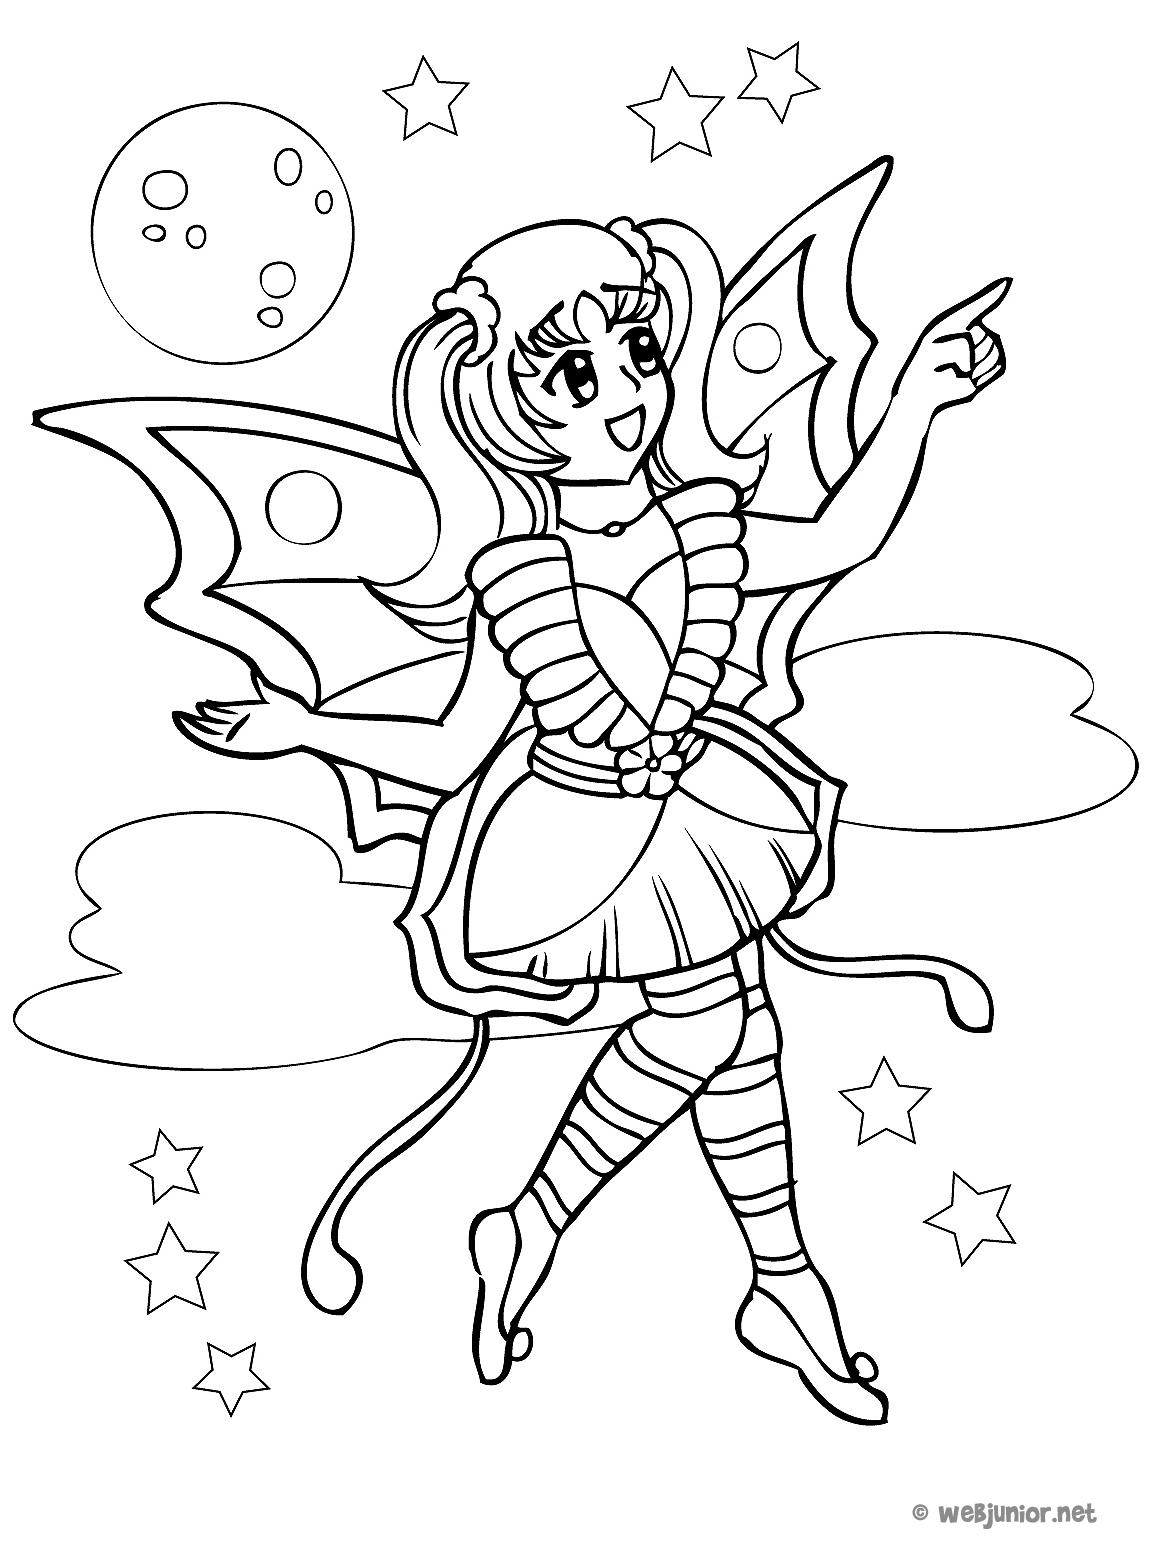 86 dessins de coloriage papillon magique imprimer - Coloriage 0 imprimer ...